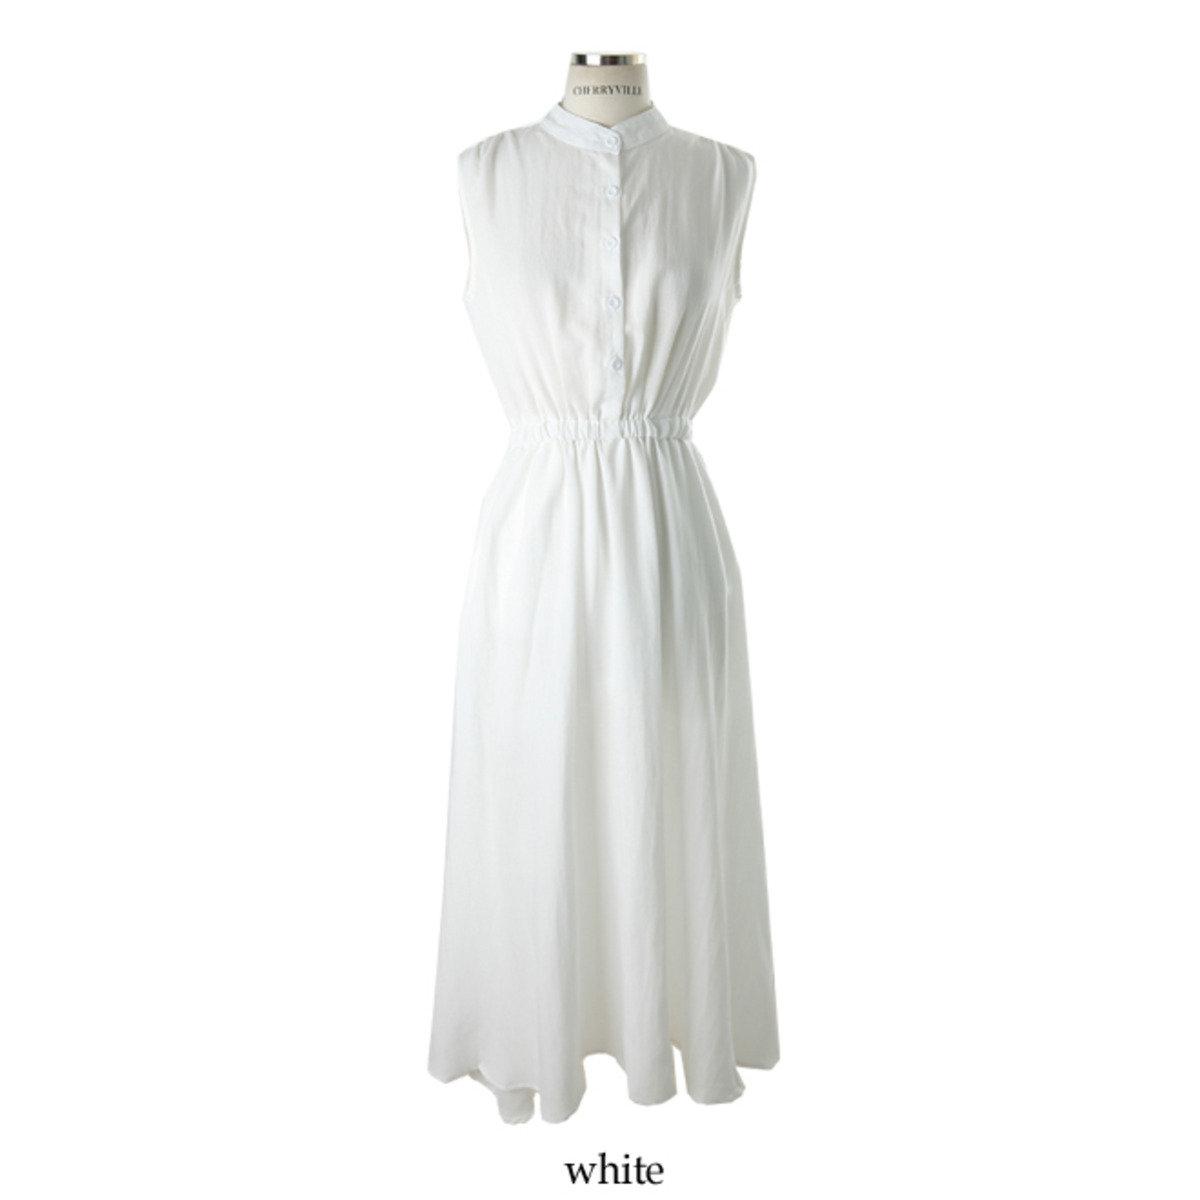 束腰連身裙_CV-S1026004